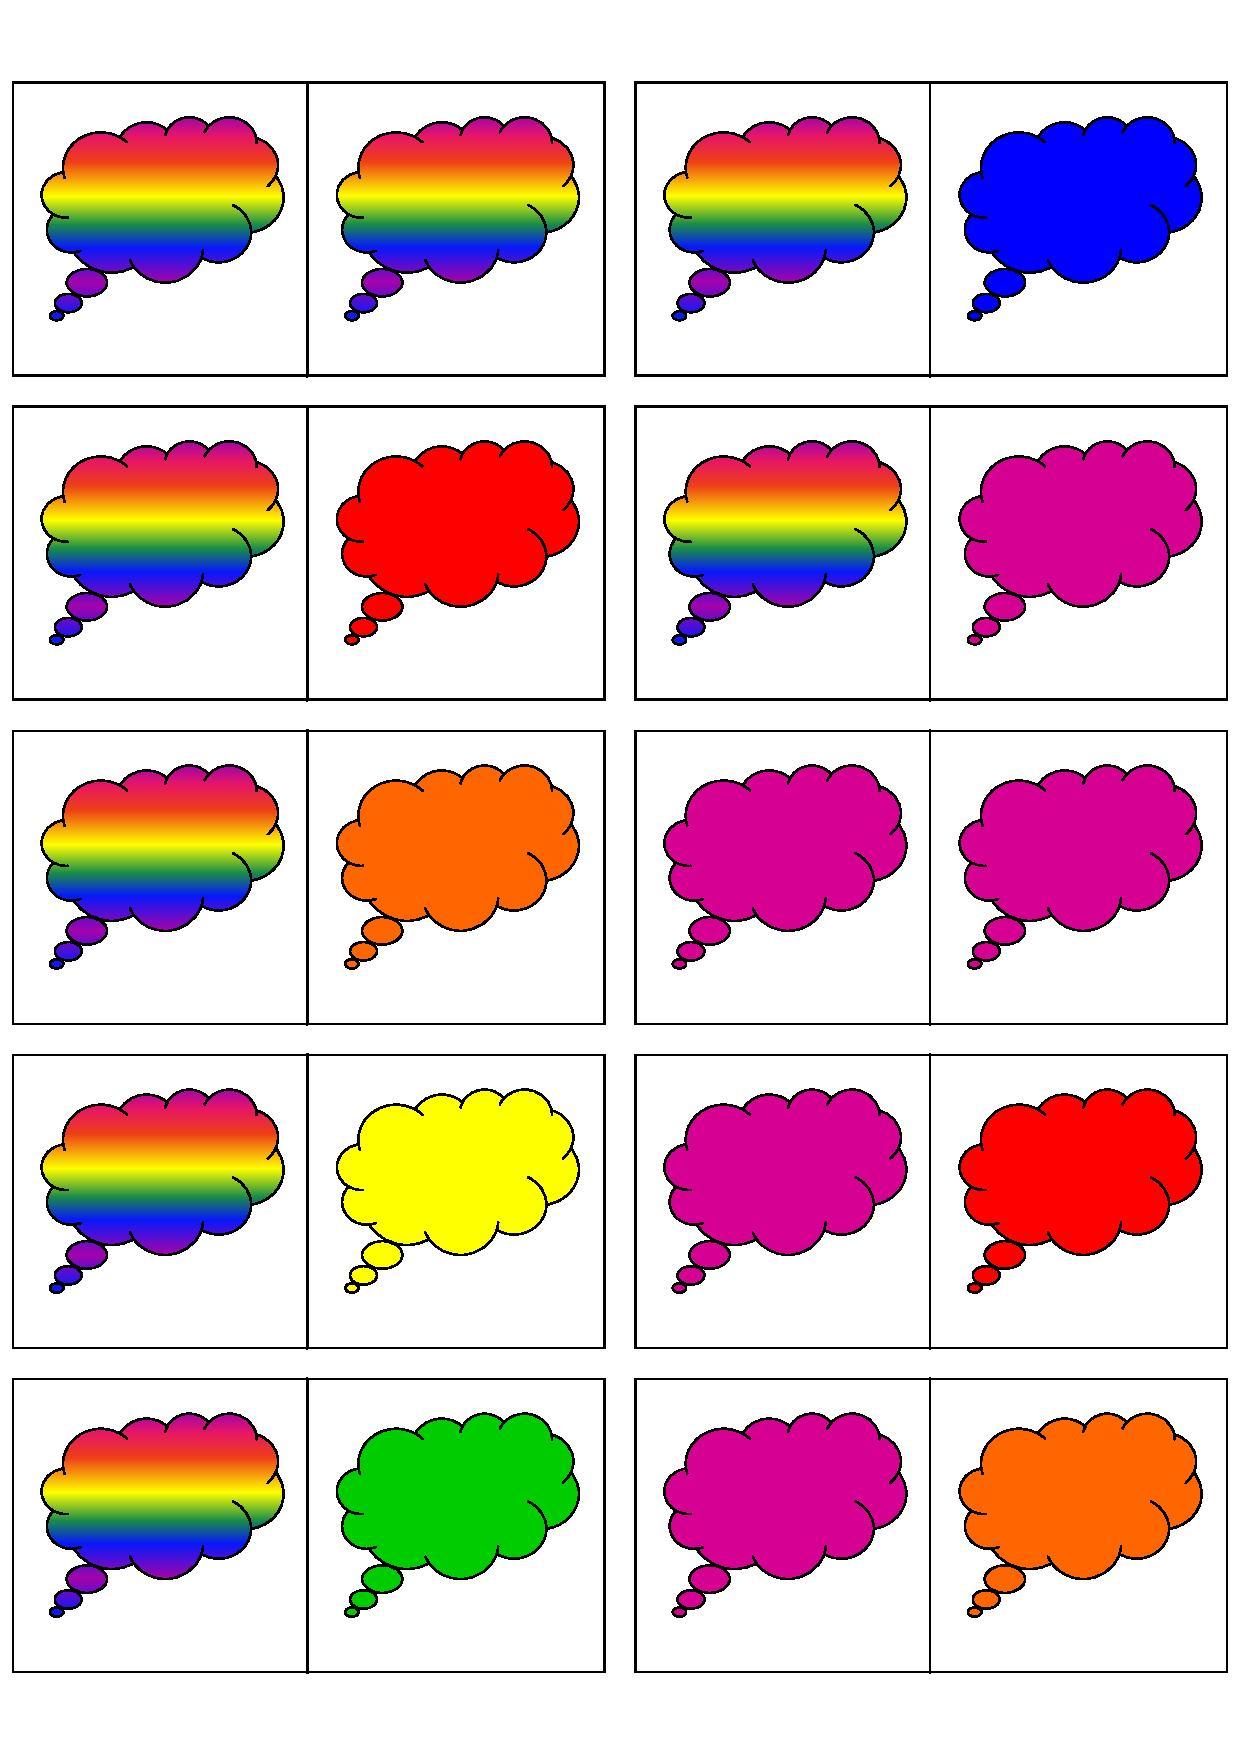 renkler domino kartları (1)